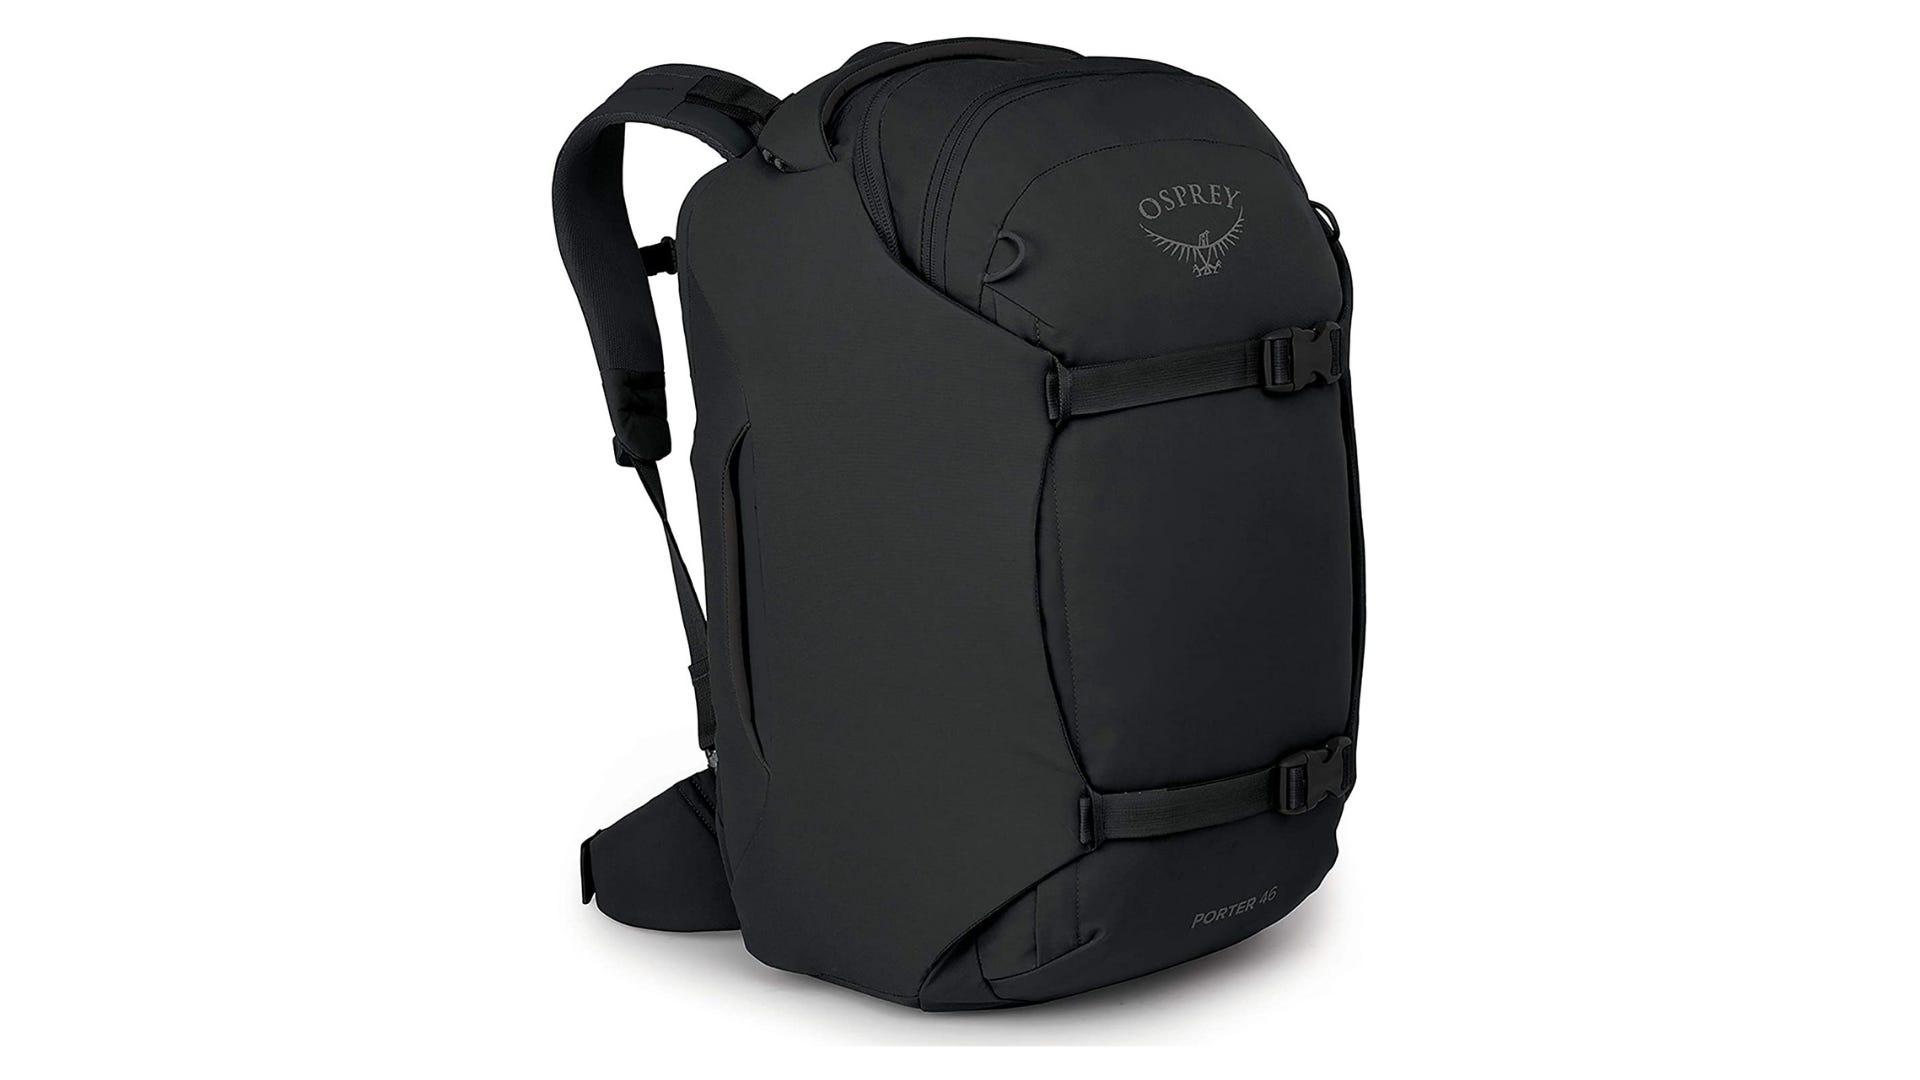 The black Osprey travel backpack.